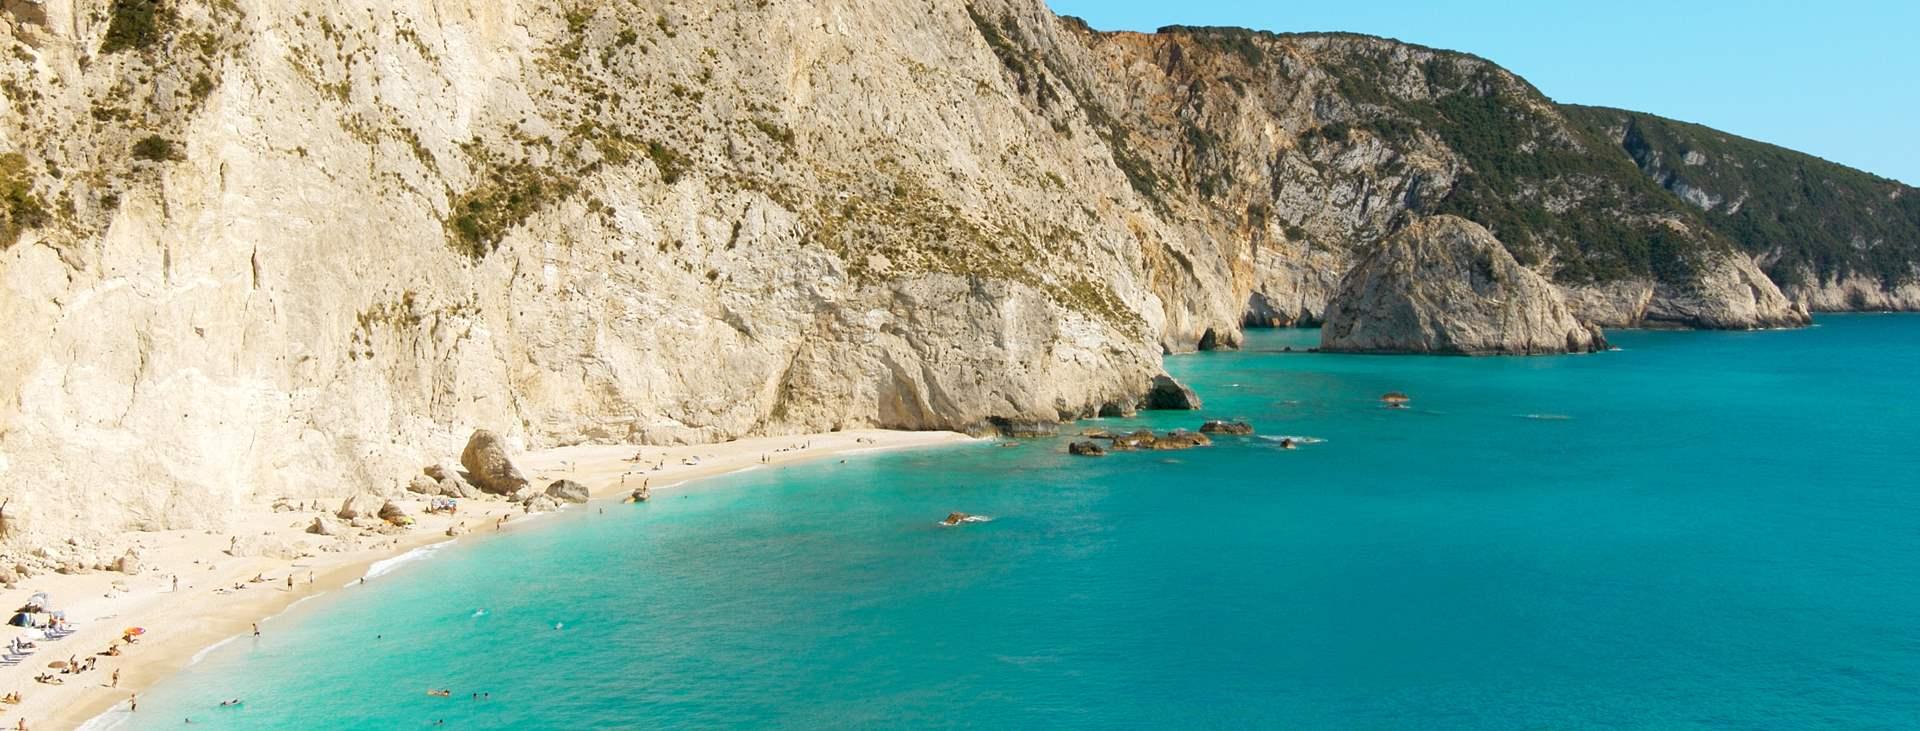 Boka din resa till Lefkas i Grekland med Ving